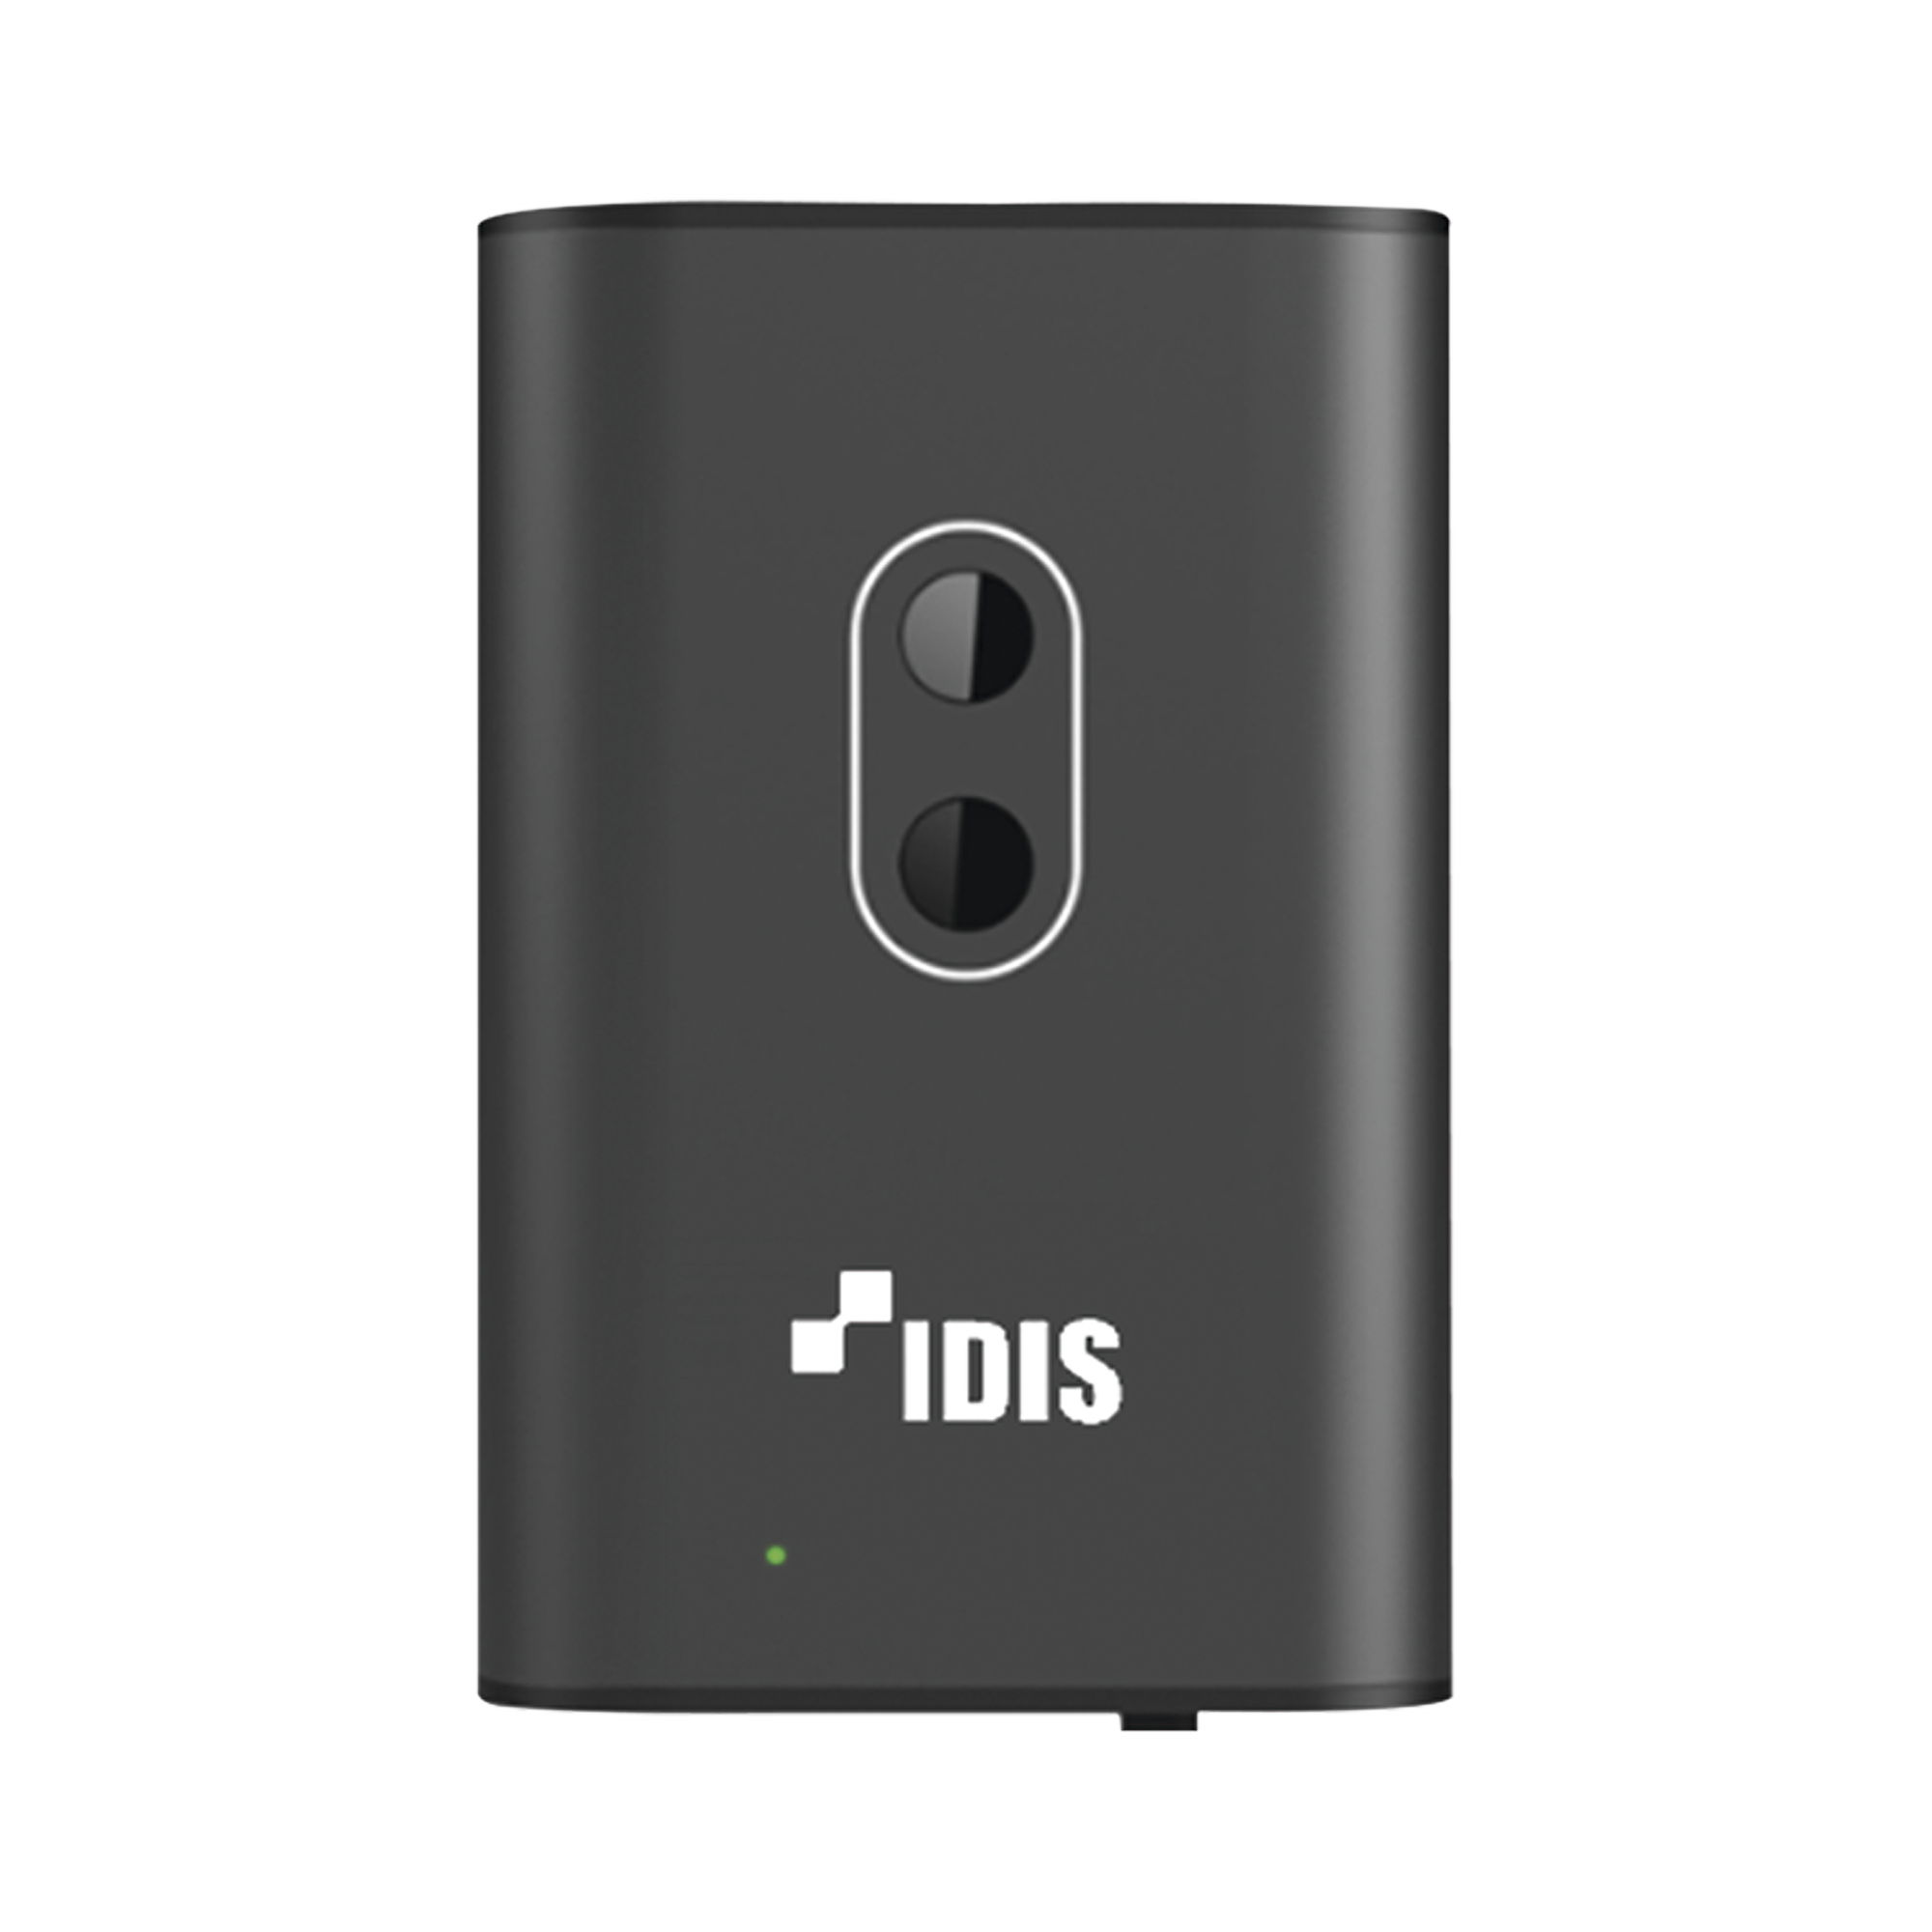 Cámara IP Térmica Imagen Dual  80 ?  60 (Térmica)  y 1280 X 960 (Real) | Termometría |  10 Puntos Simultáneos |  Salida de Alarma